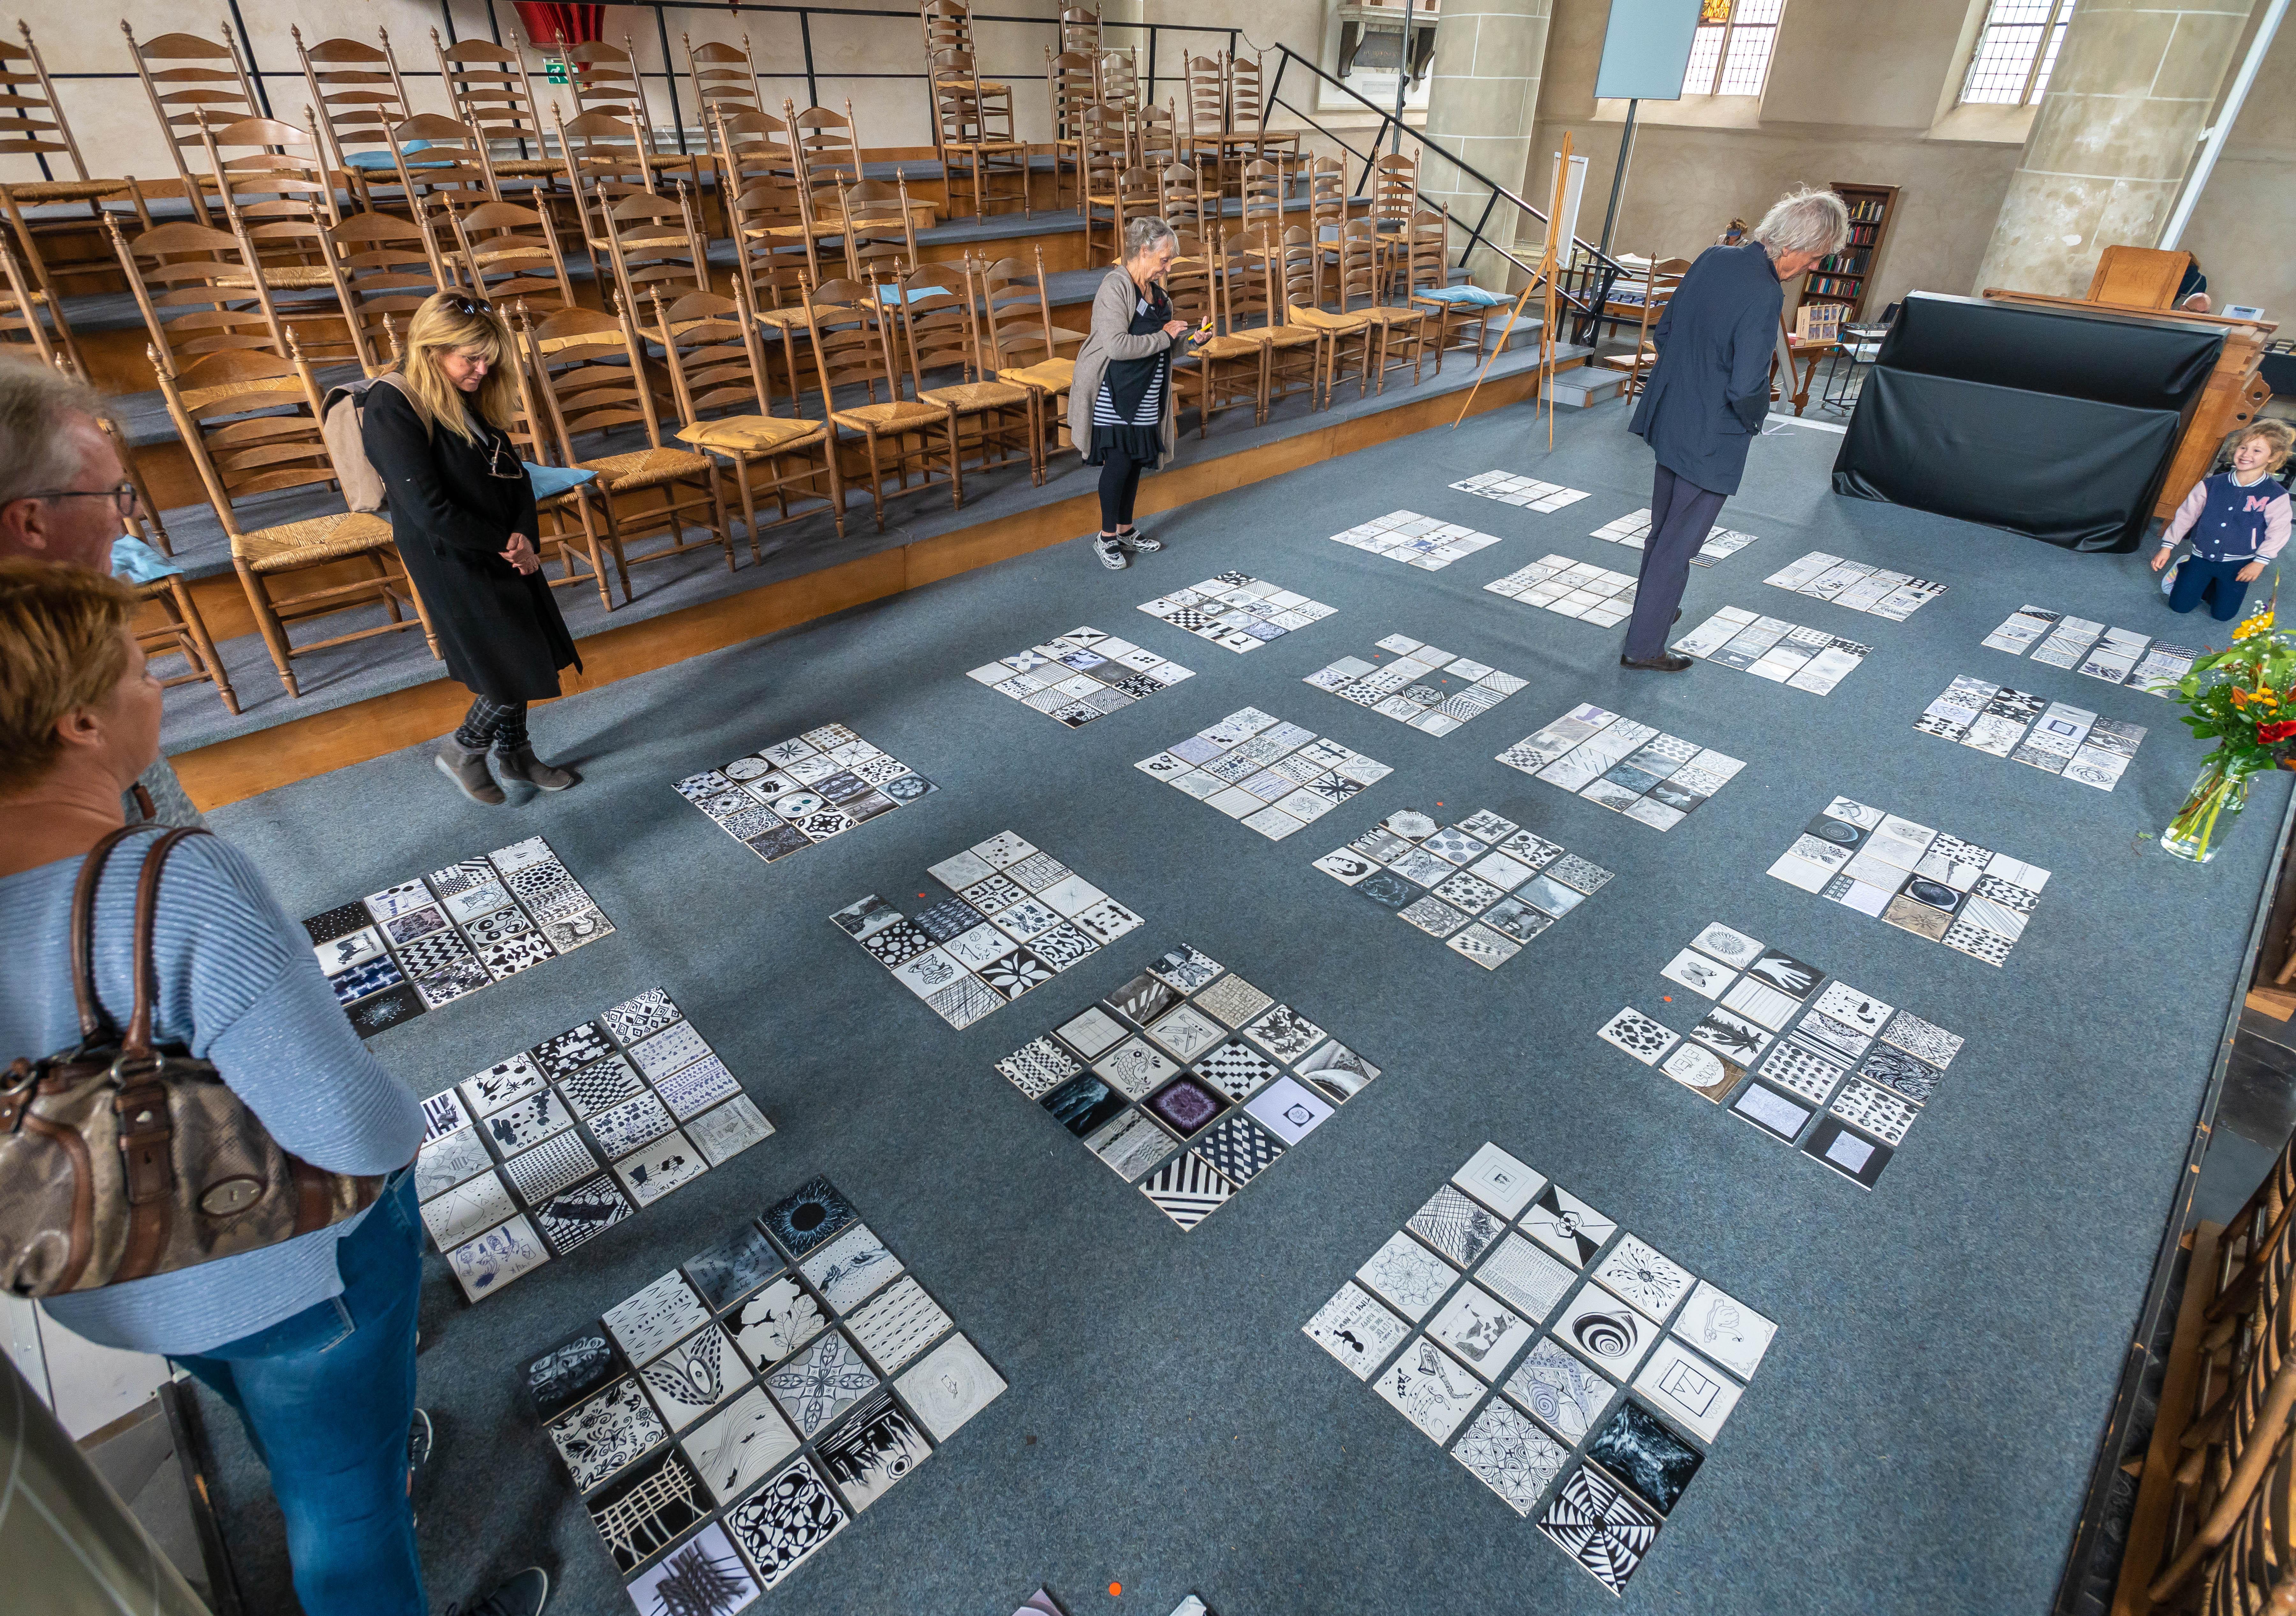 Hoe verander je zwart-witte vierkantjes in rode stippen?; latente talenten uit Waterland vullen kerkvloer in Monnickendam met 375 paneeltjes, die vlot in andere handen komen